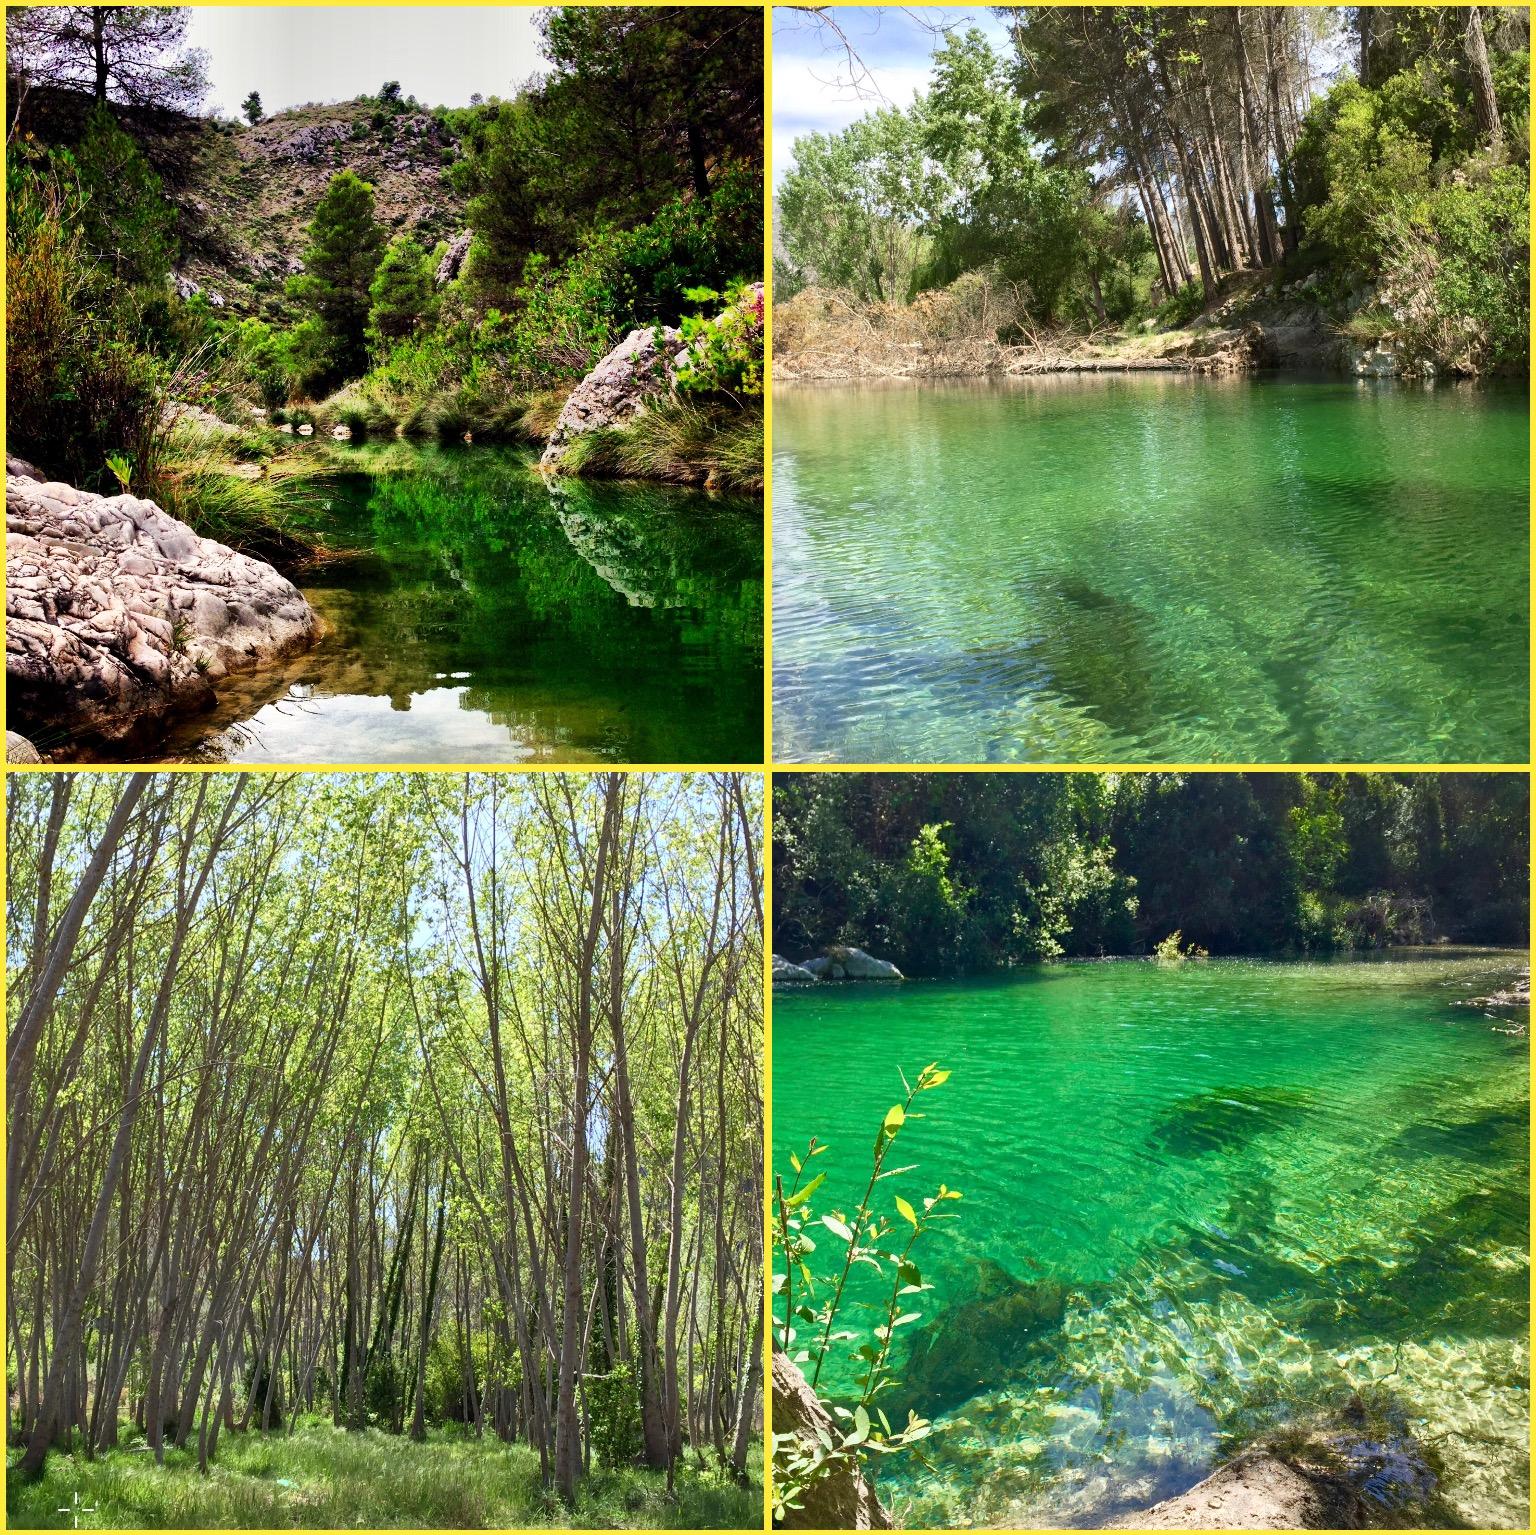 Una excursión acertada por una zona de las mas bonitas de la Provincia de Alicante.